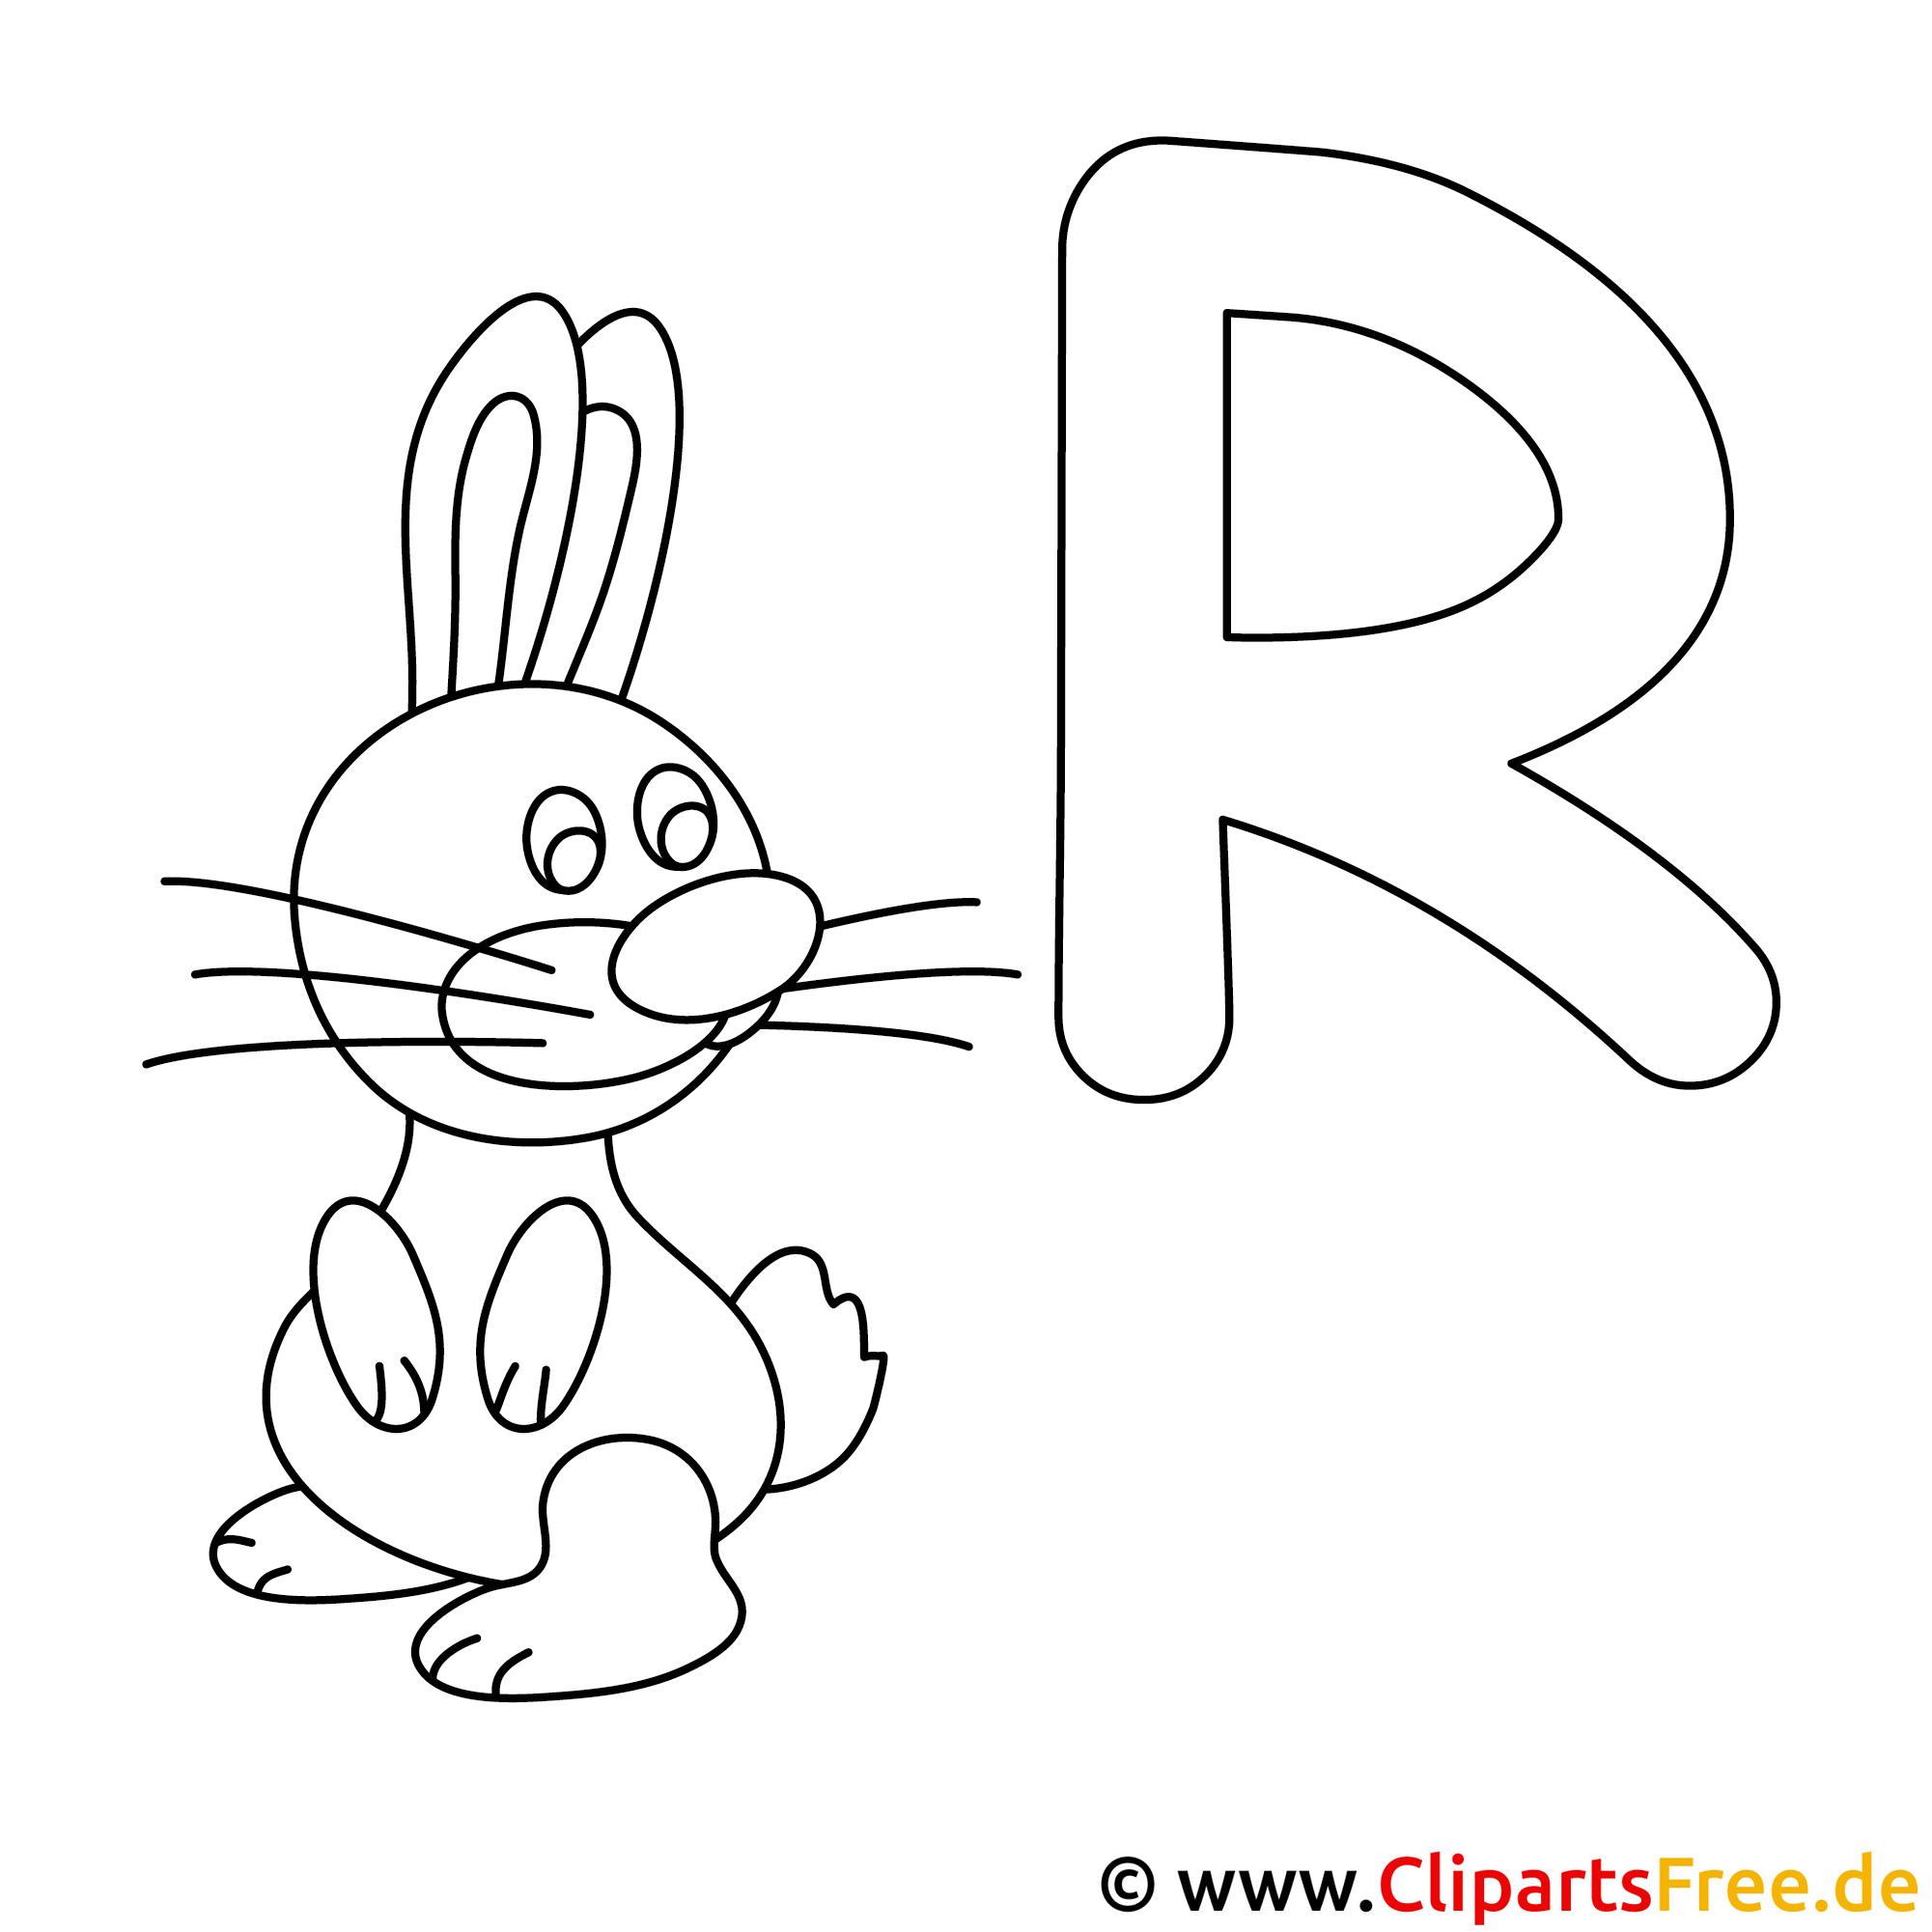 rabbit buchstaben zum ausmalen. Black Bedroom Furniture Sets. Home Design Ideas